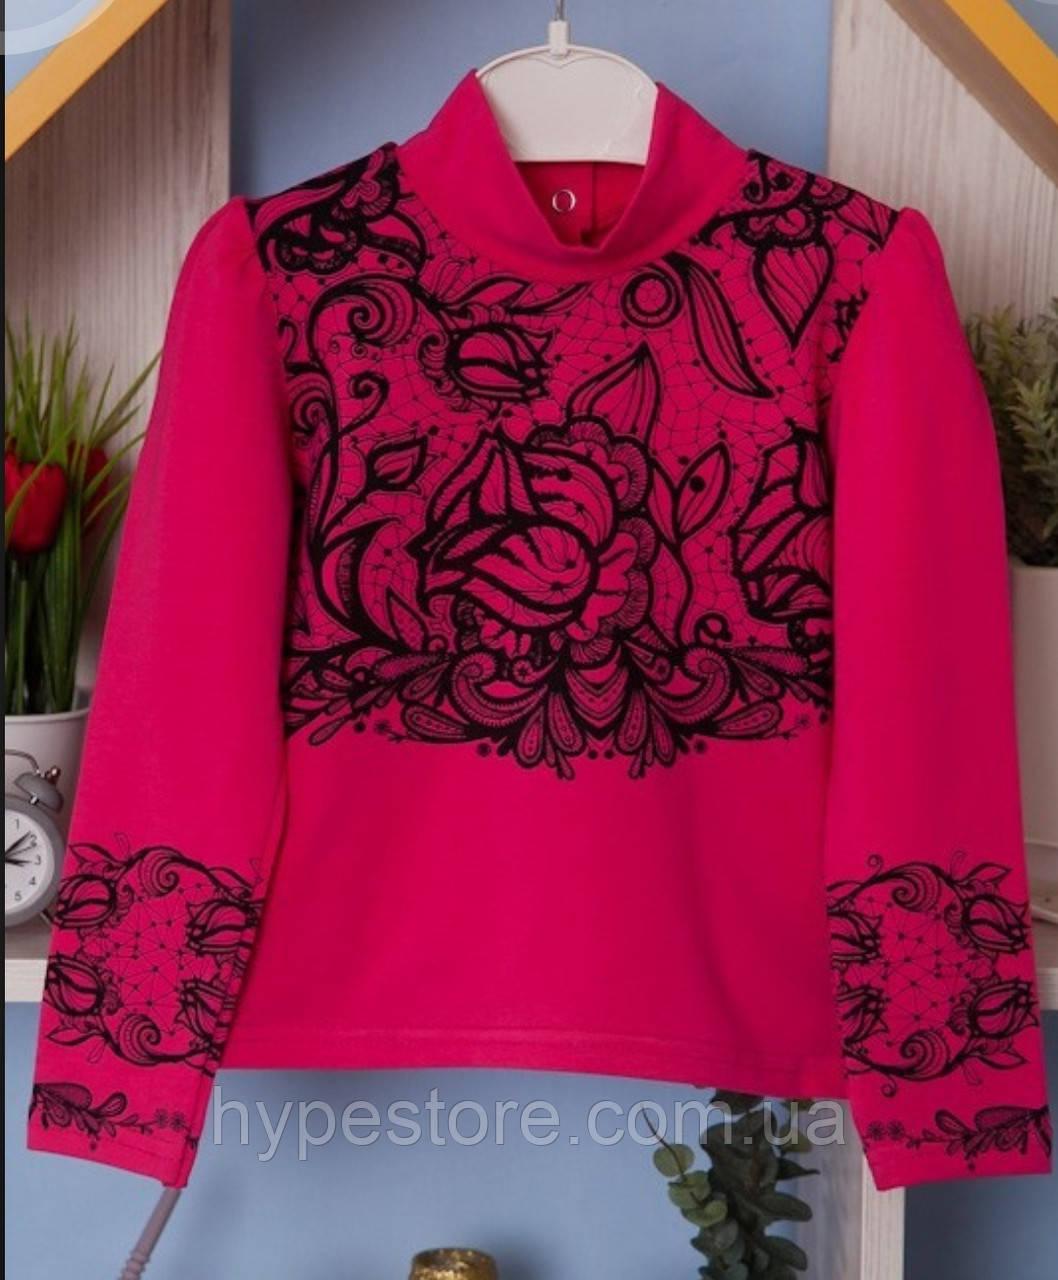 Красивая блузка, кофта для девочки в школу